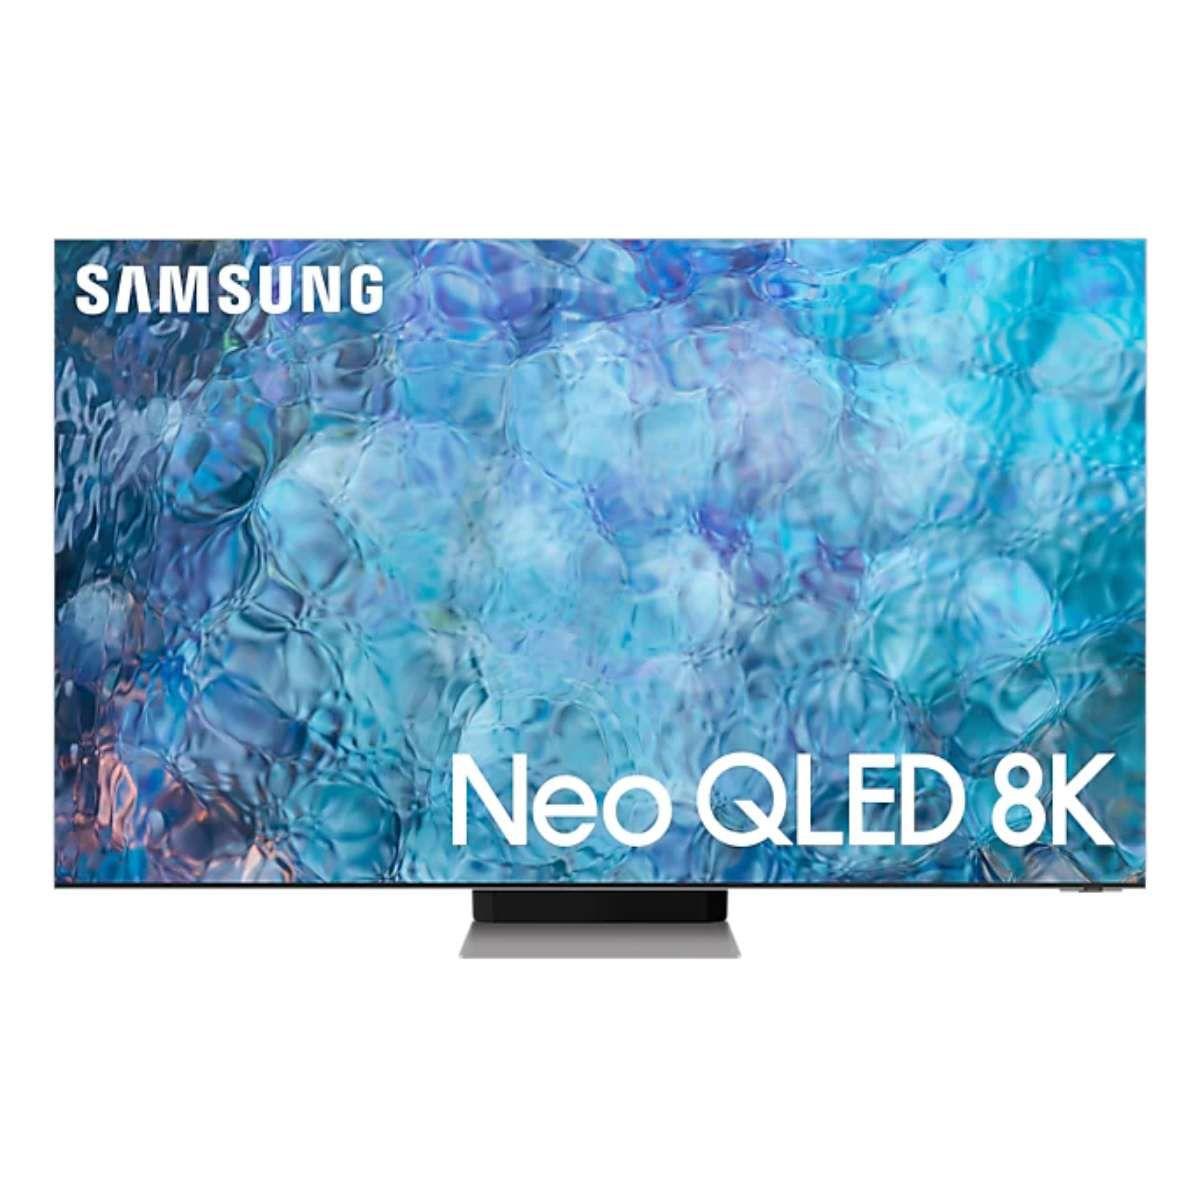 சேம்சங் Q900A 8K Neo QLED டிவி